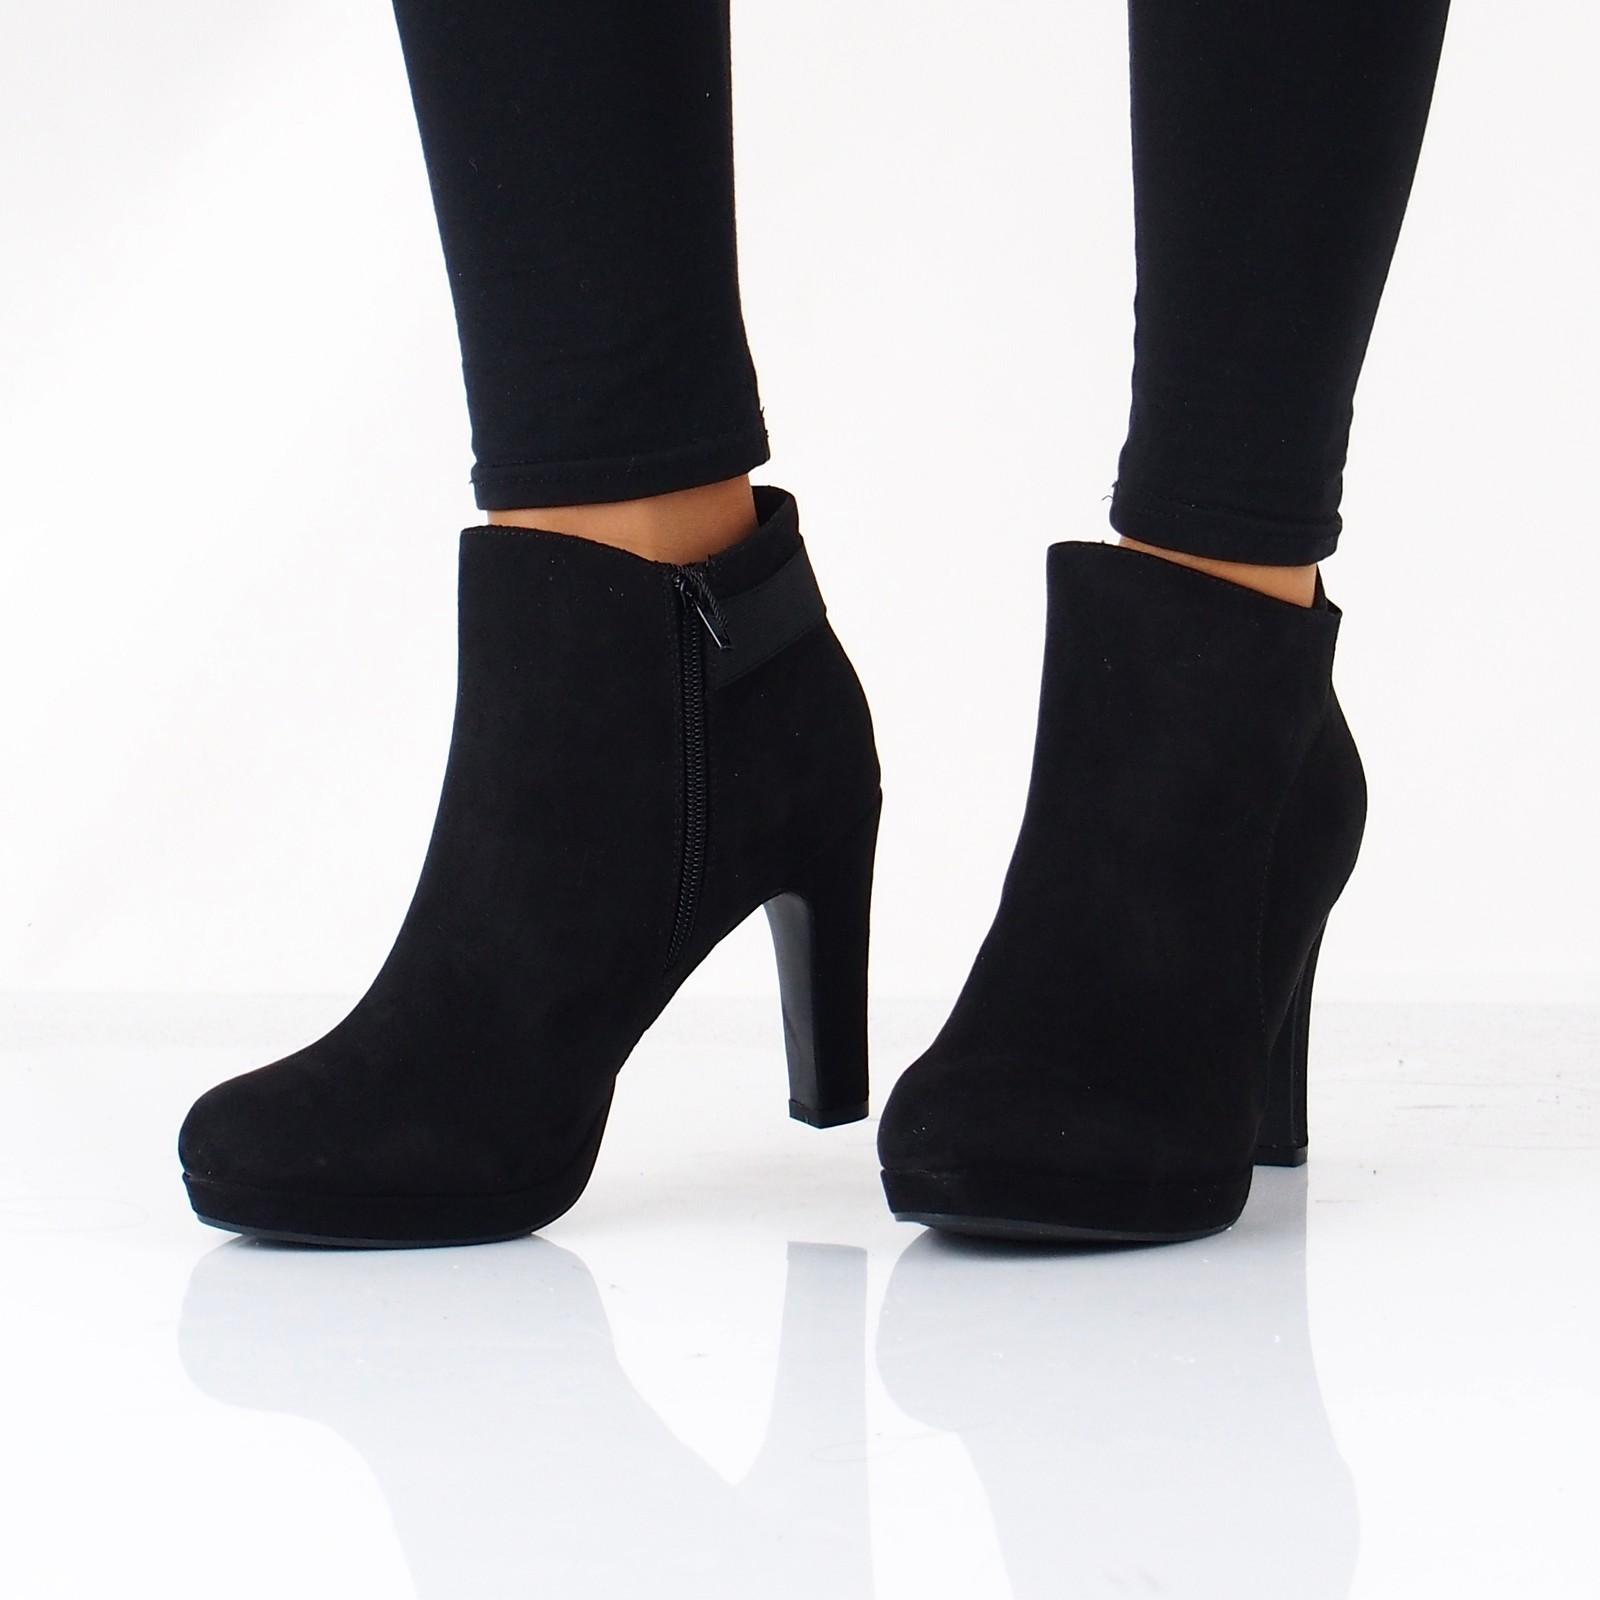 63308839952a Jane Klain dámske textilné kotníky na vysokom podpätku - čierne ...